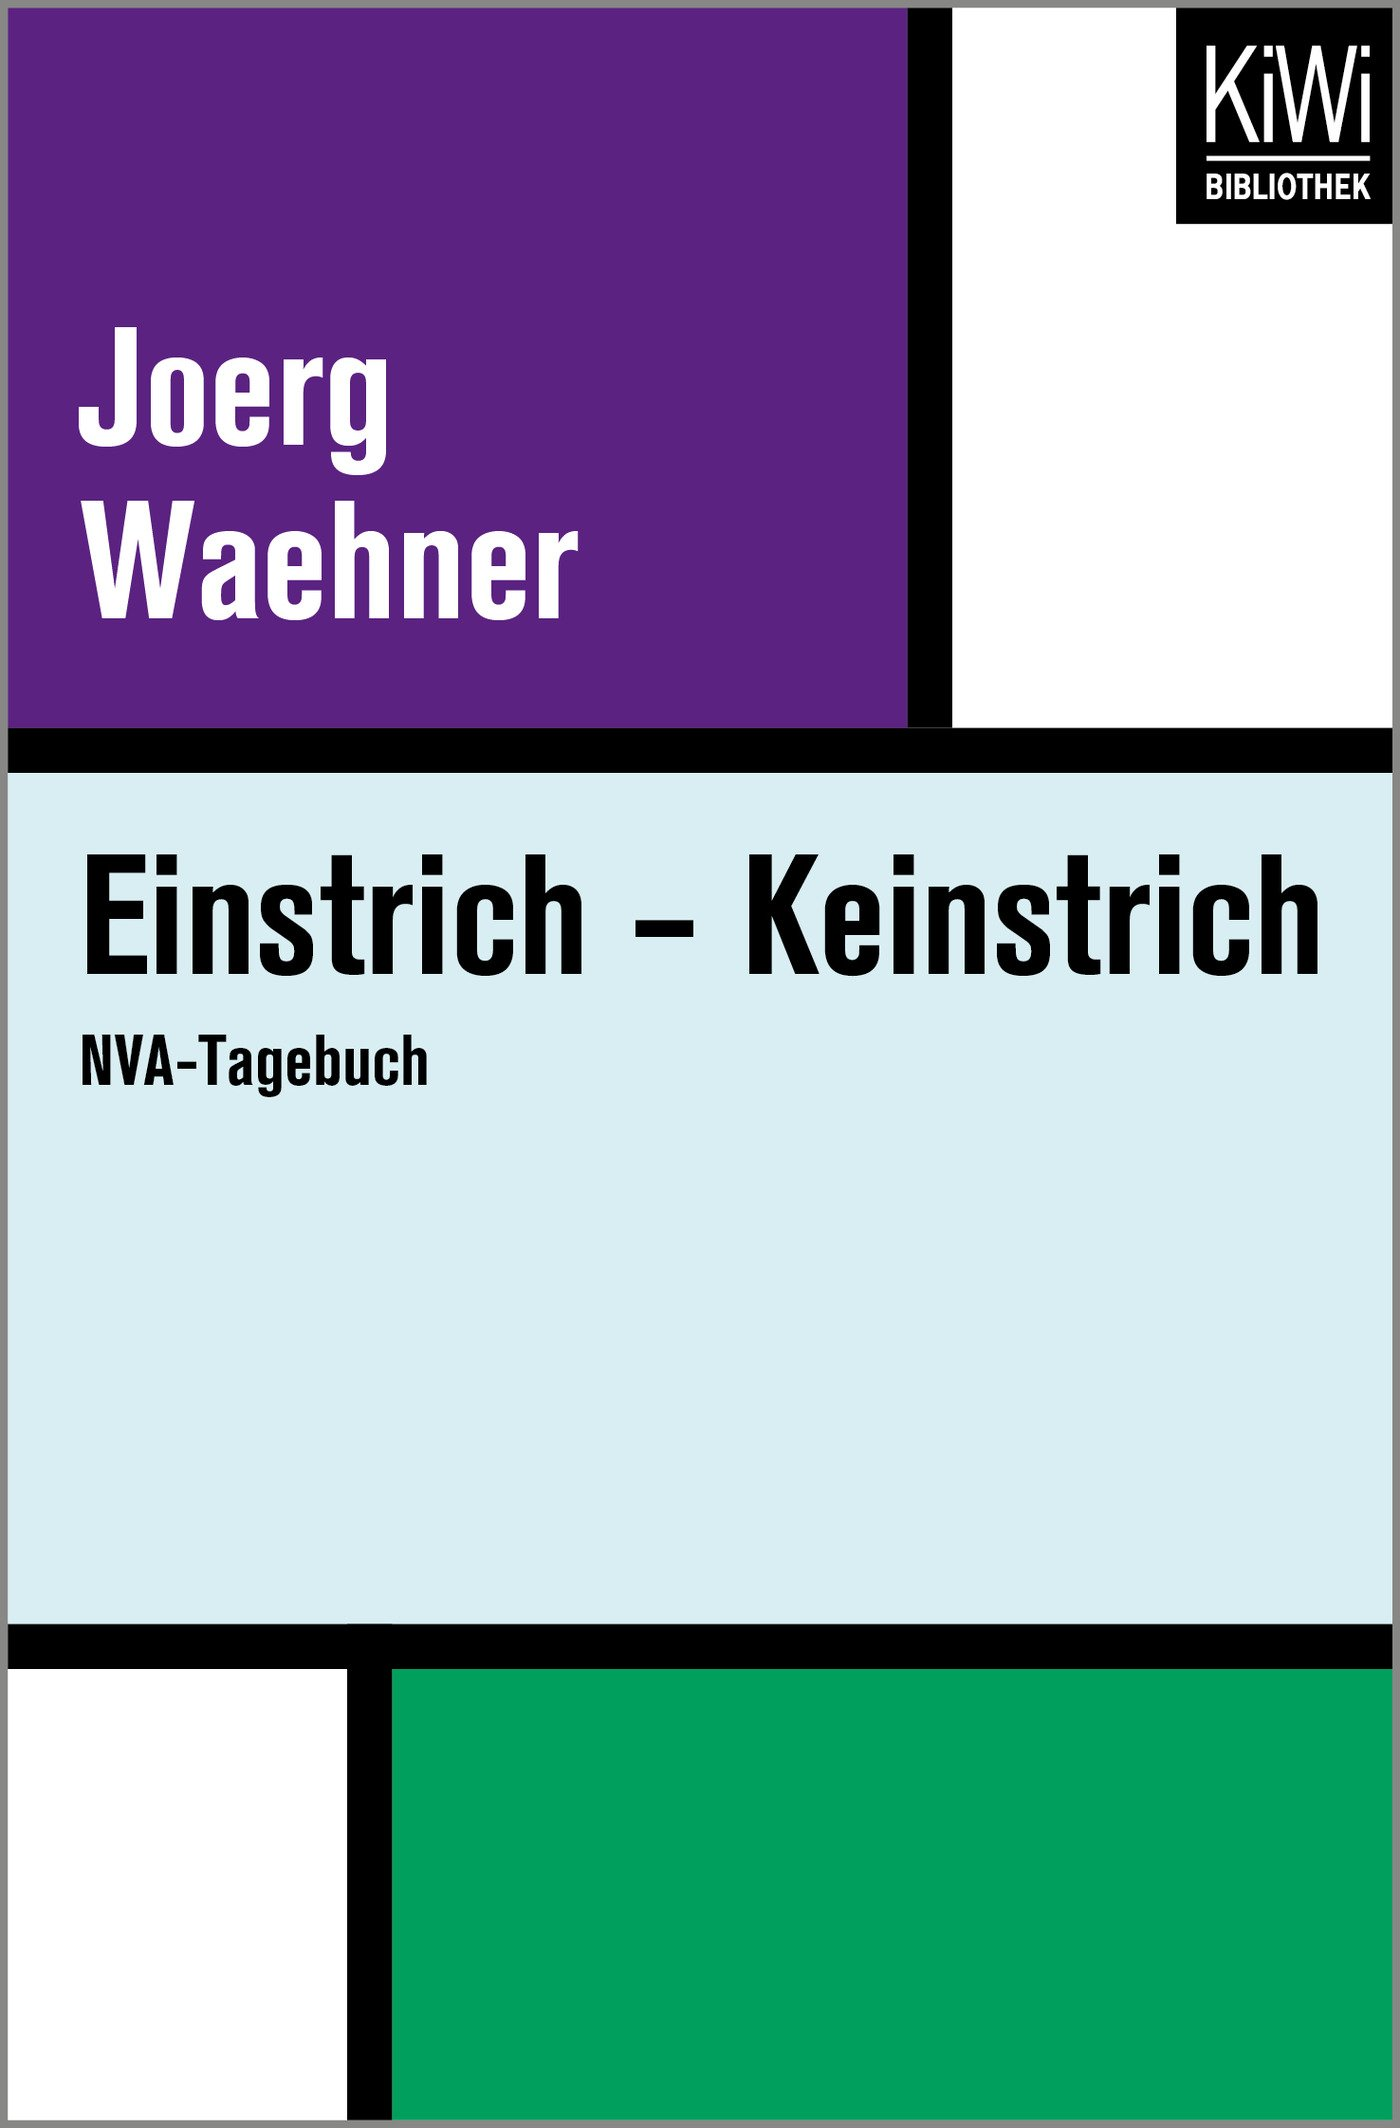 Einstrich – Keinstrich: NVA-Tagebuch